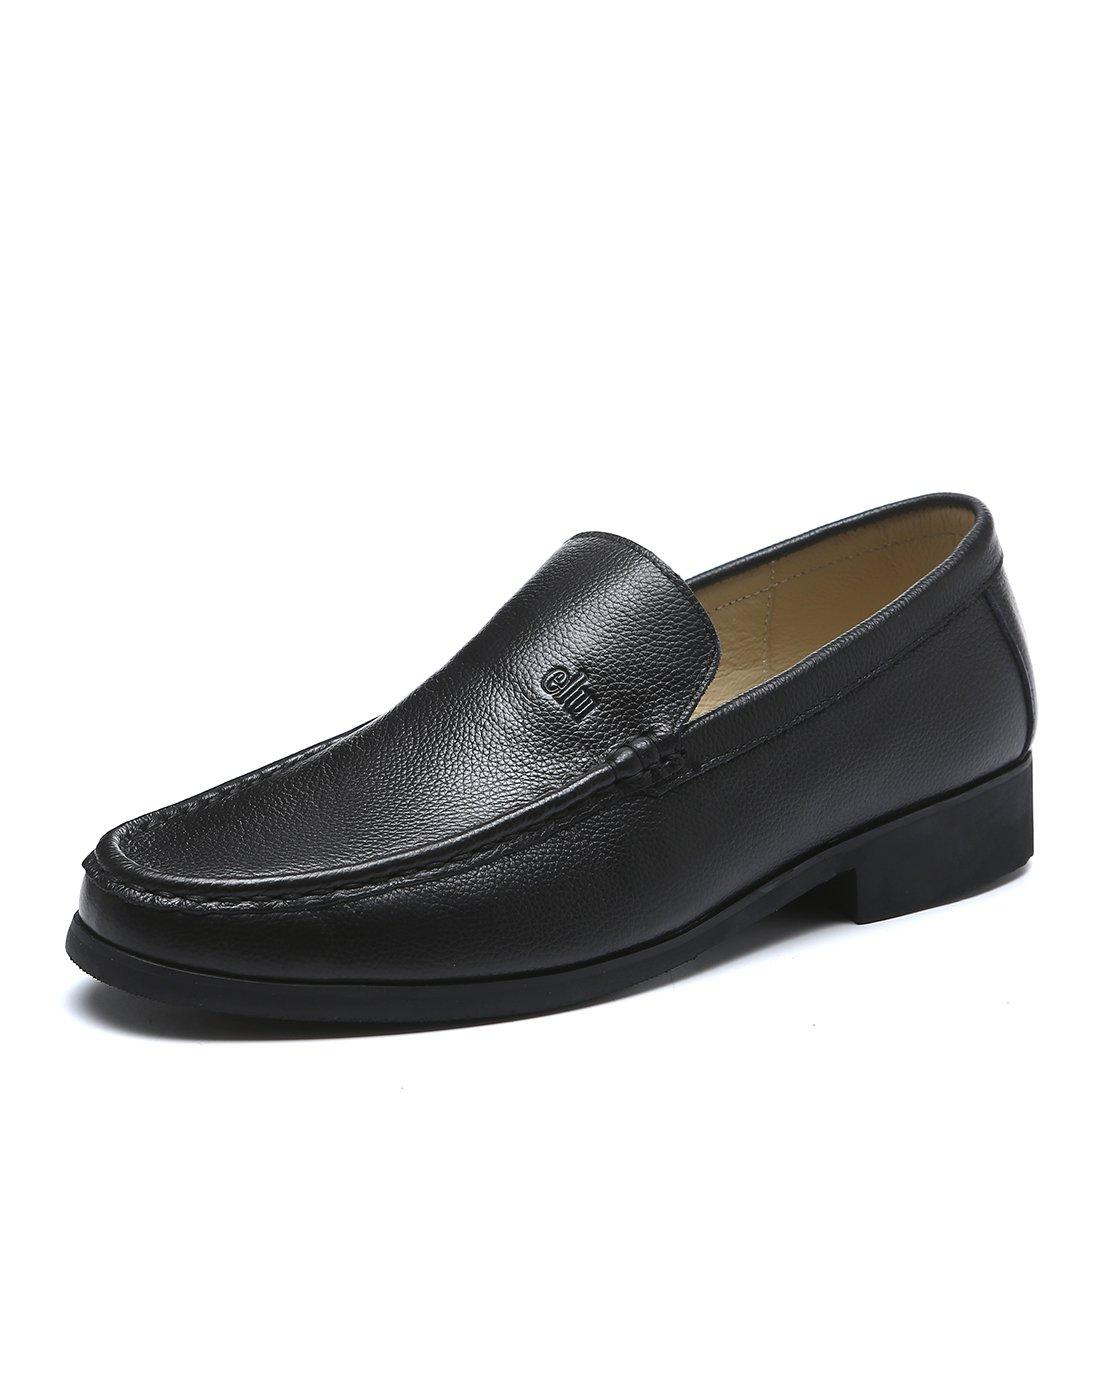 信诺牛皮内里休闲皮鞋时尚舒适爸爸鞋中老年男鞋602221黑色